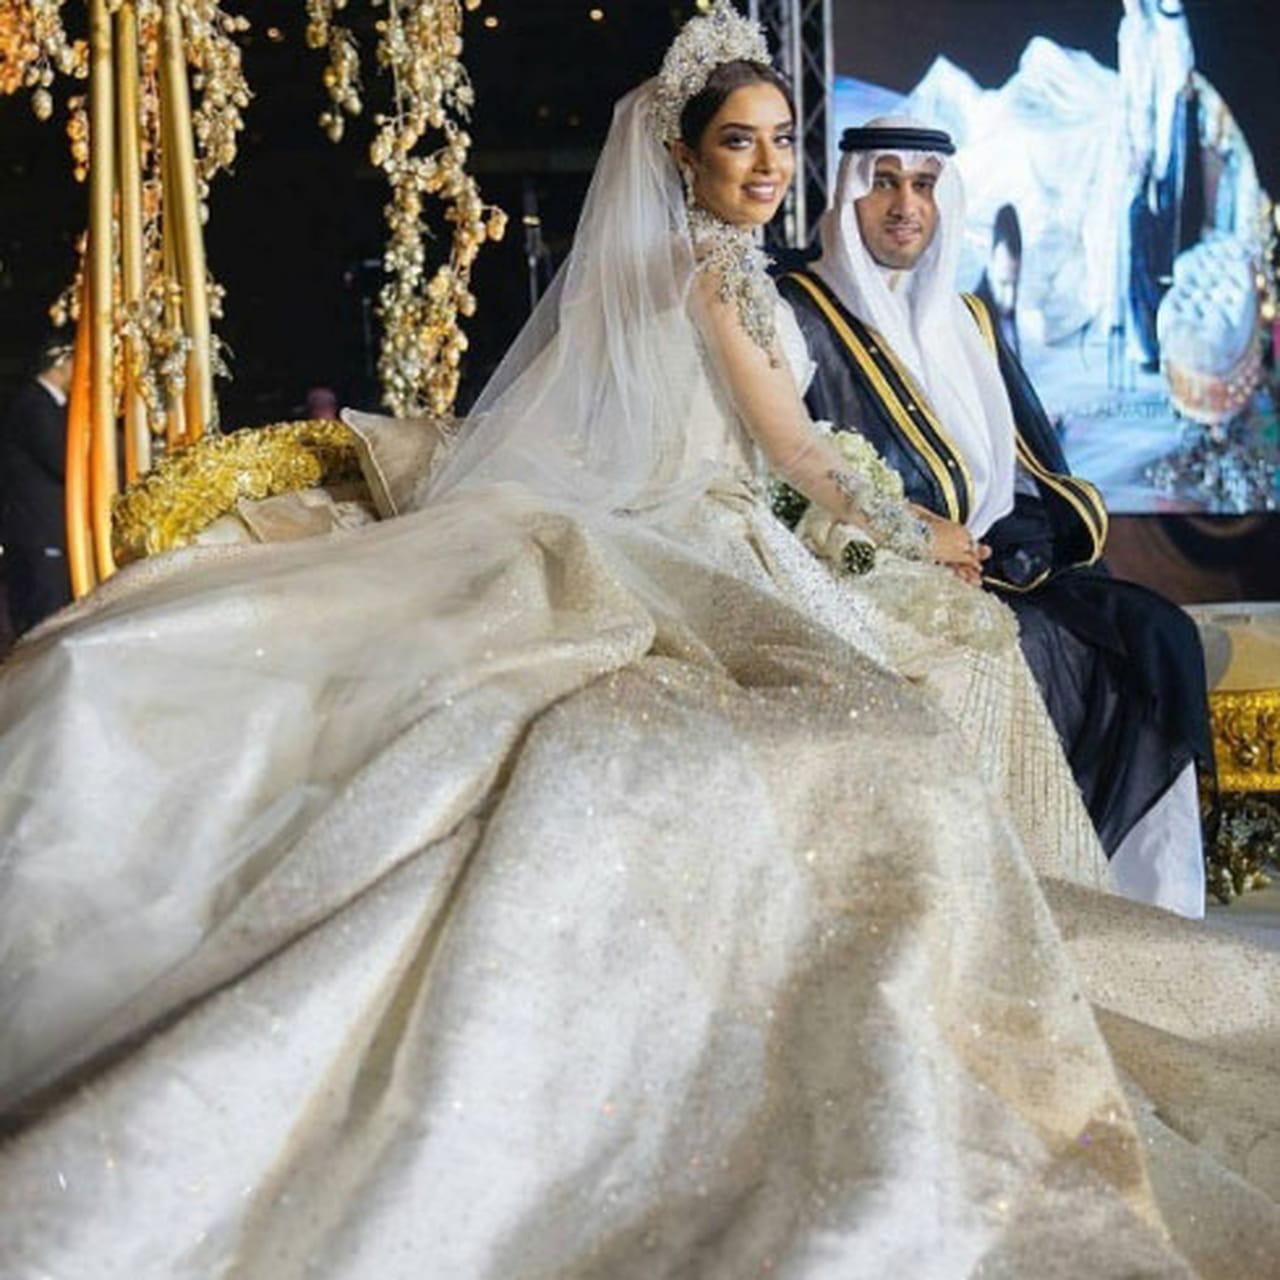 7c85a5710 في الصورة أعلاه نشاهد فستان زفاف كنده علوش في الحفل الرئيسي والأكبر والذي  أقيم في فندق كتراكت الخاص بمسلسل جراند أوتيل للنجم عمرو يوسف.